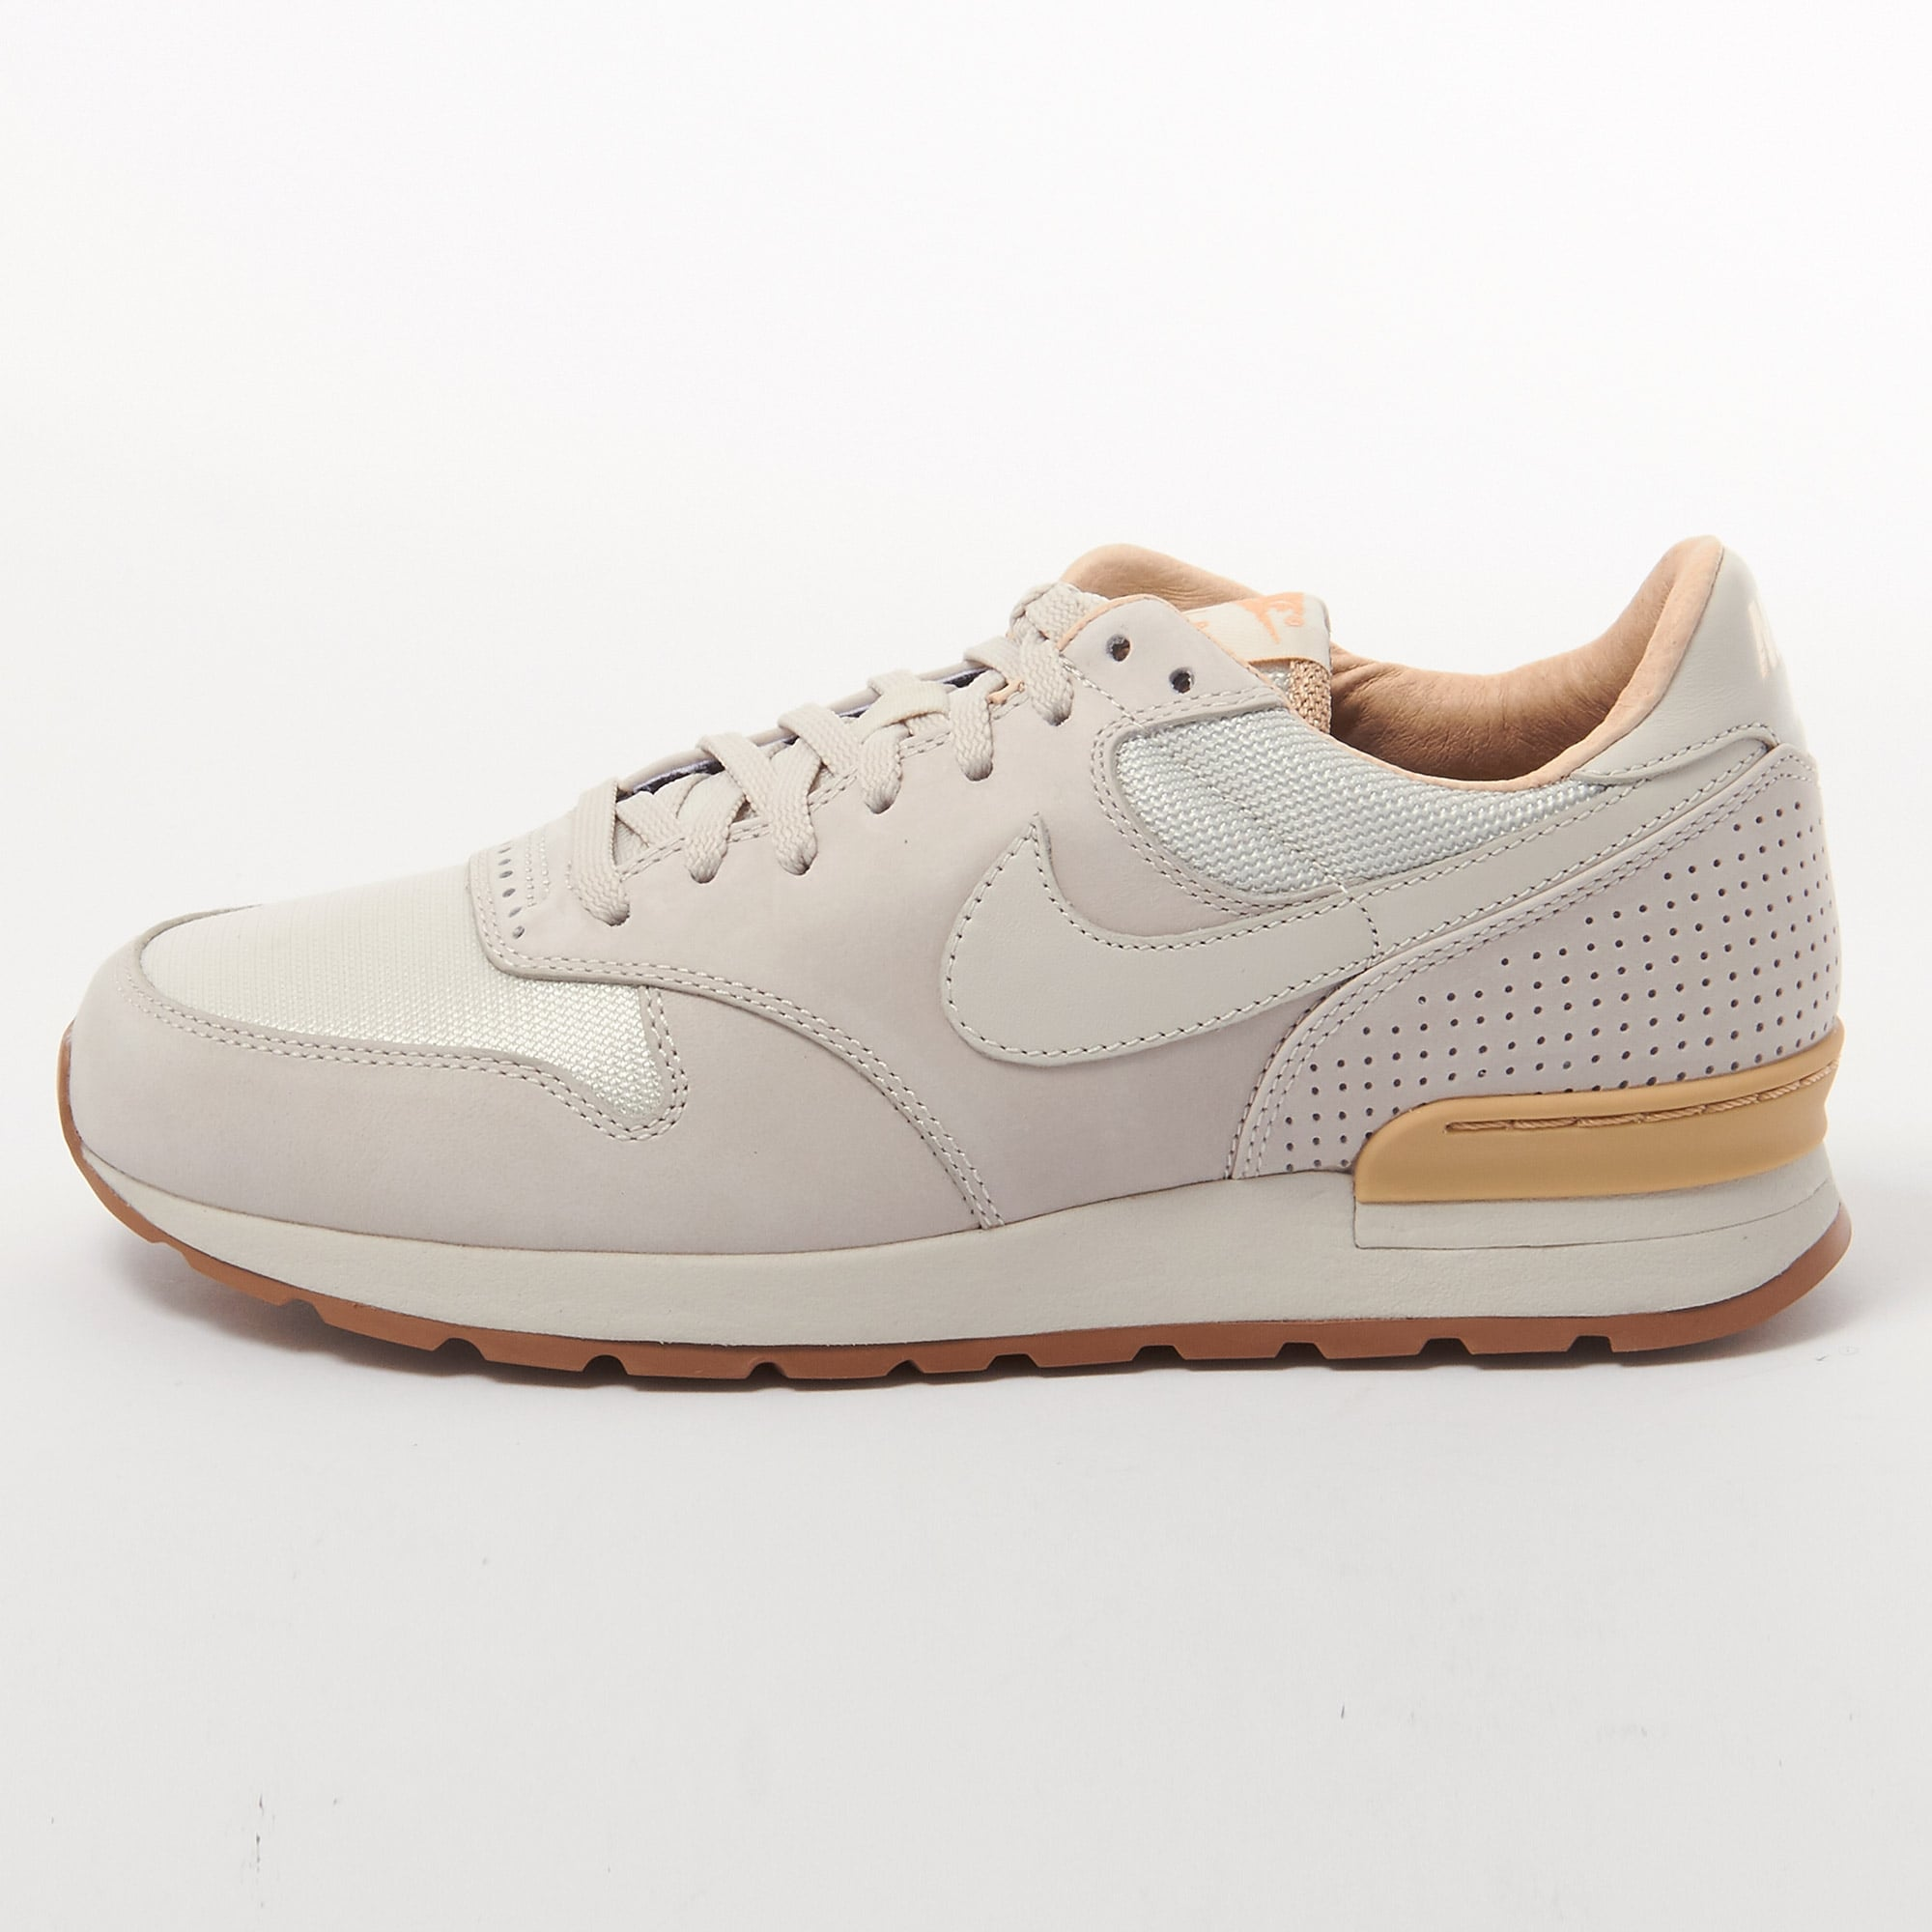 Nike Air Zoom Épique Luxe Bas-tops Et Chaussures De Sport DFaKXIoe